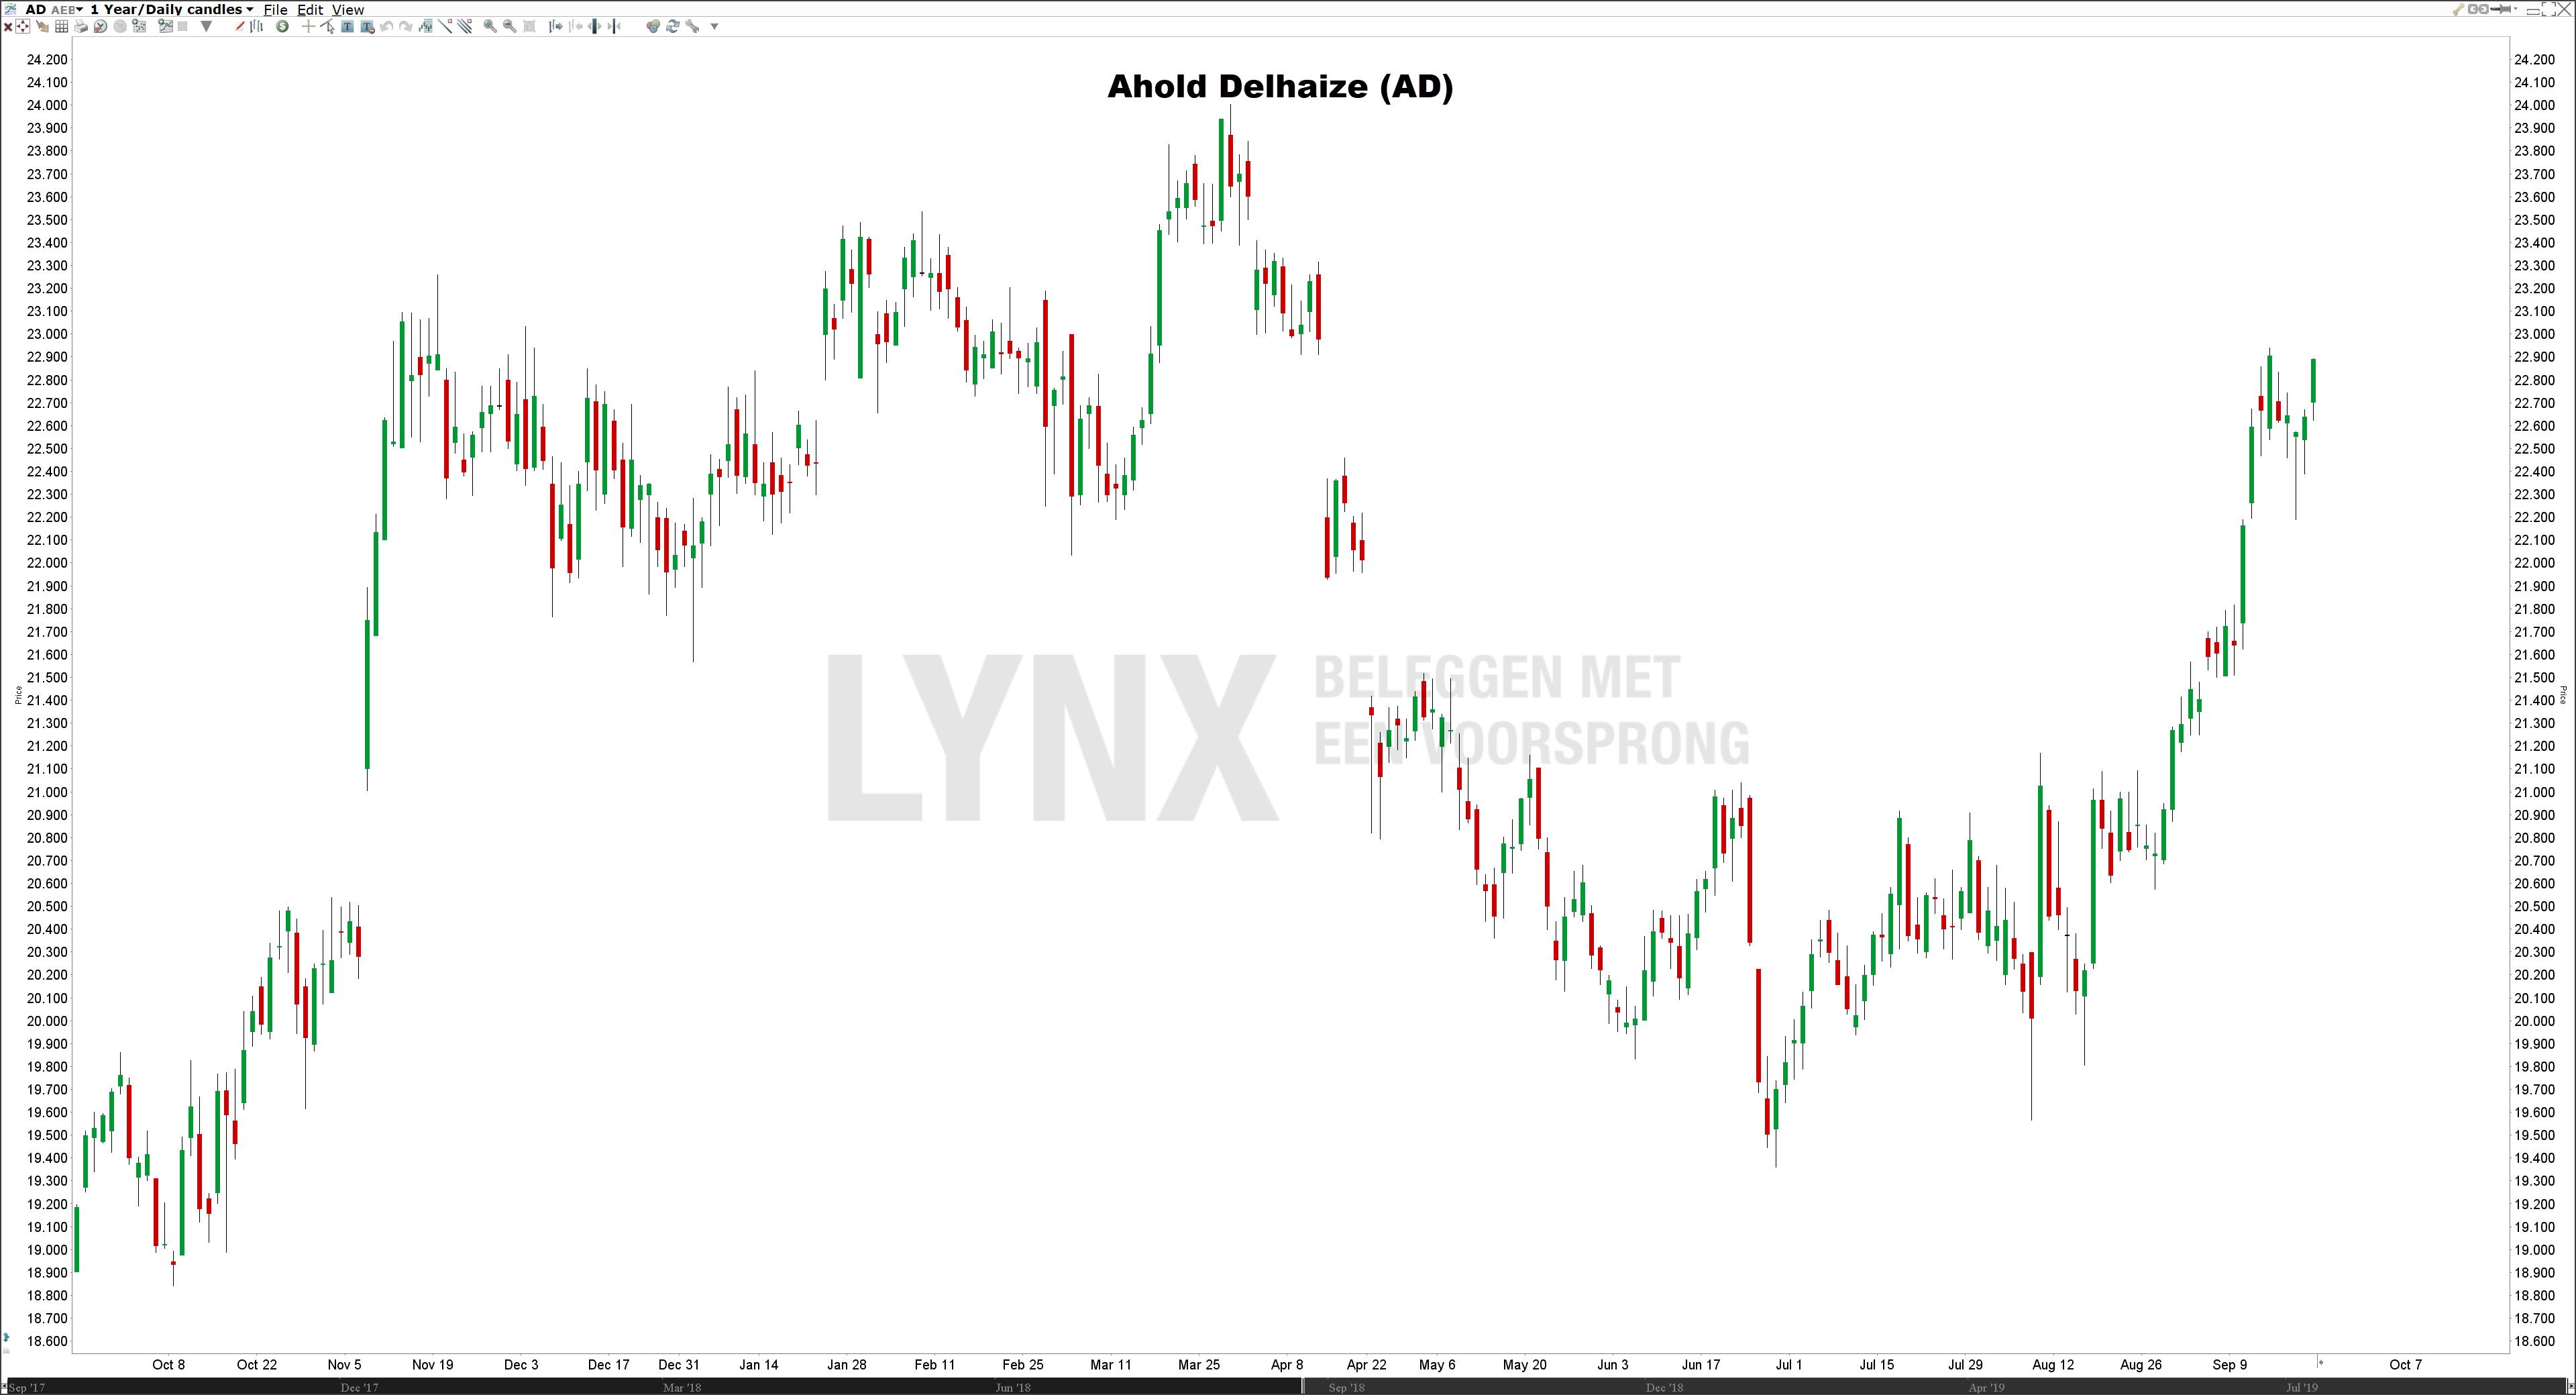 Koers Ahold Delhaize - De beste defensieve aandelen